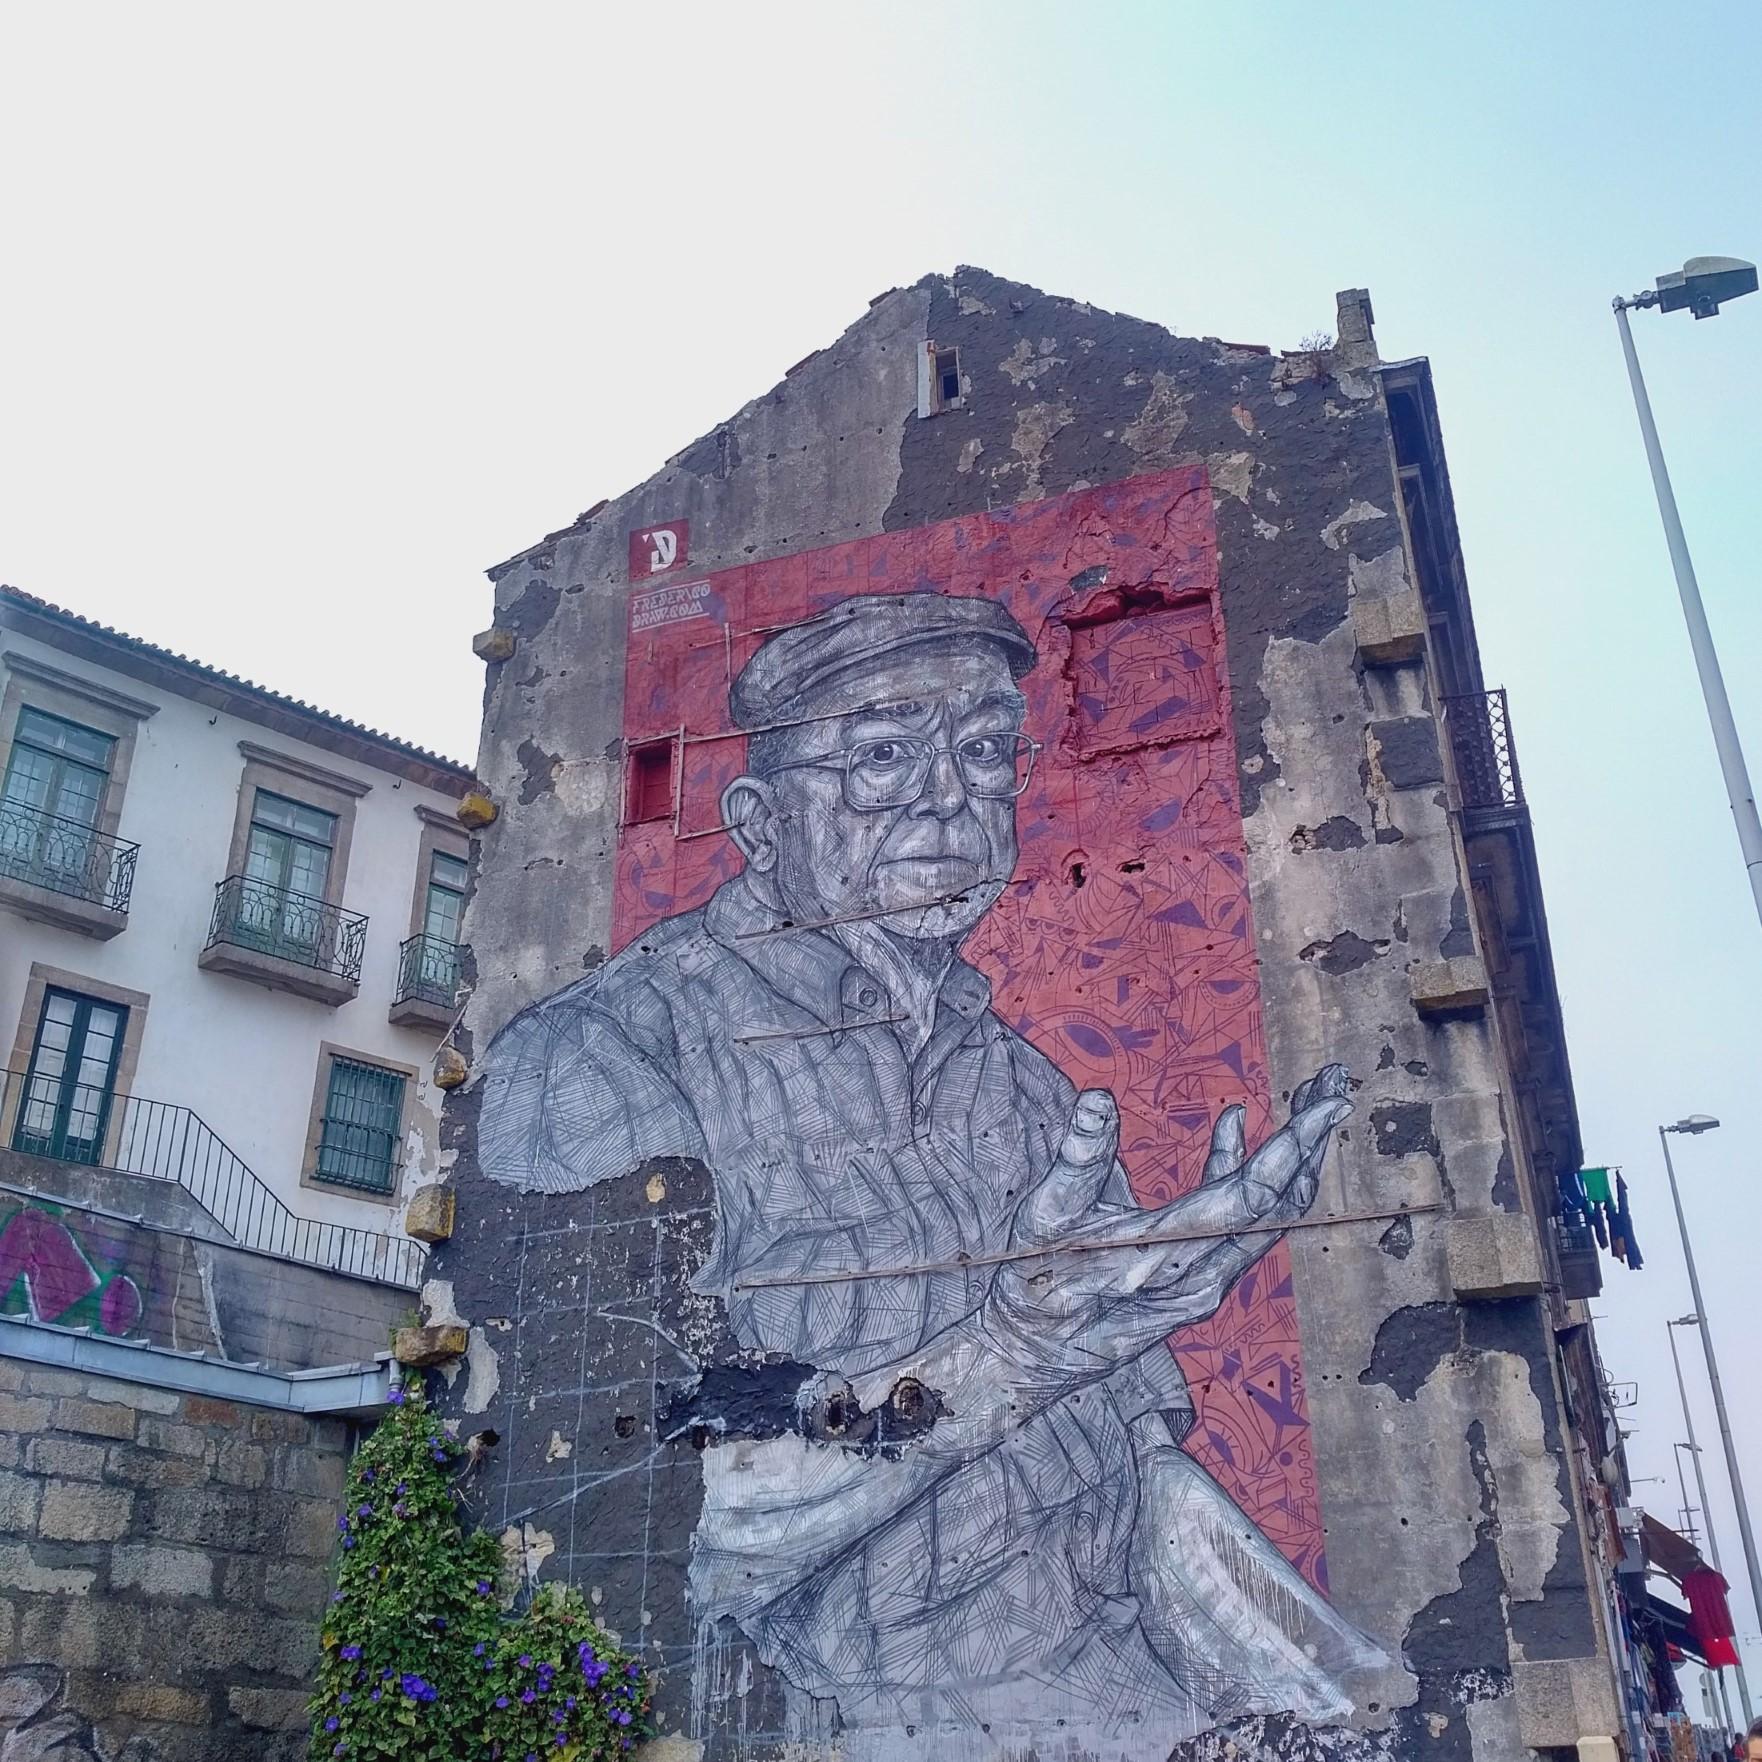 Street art in Porto by Frederico Draw